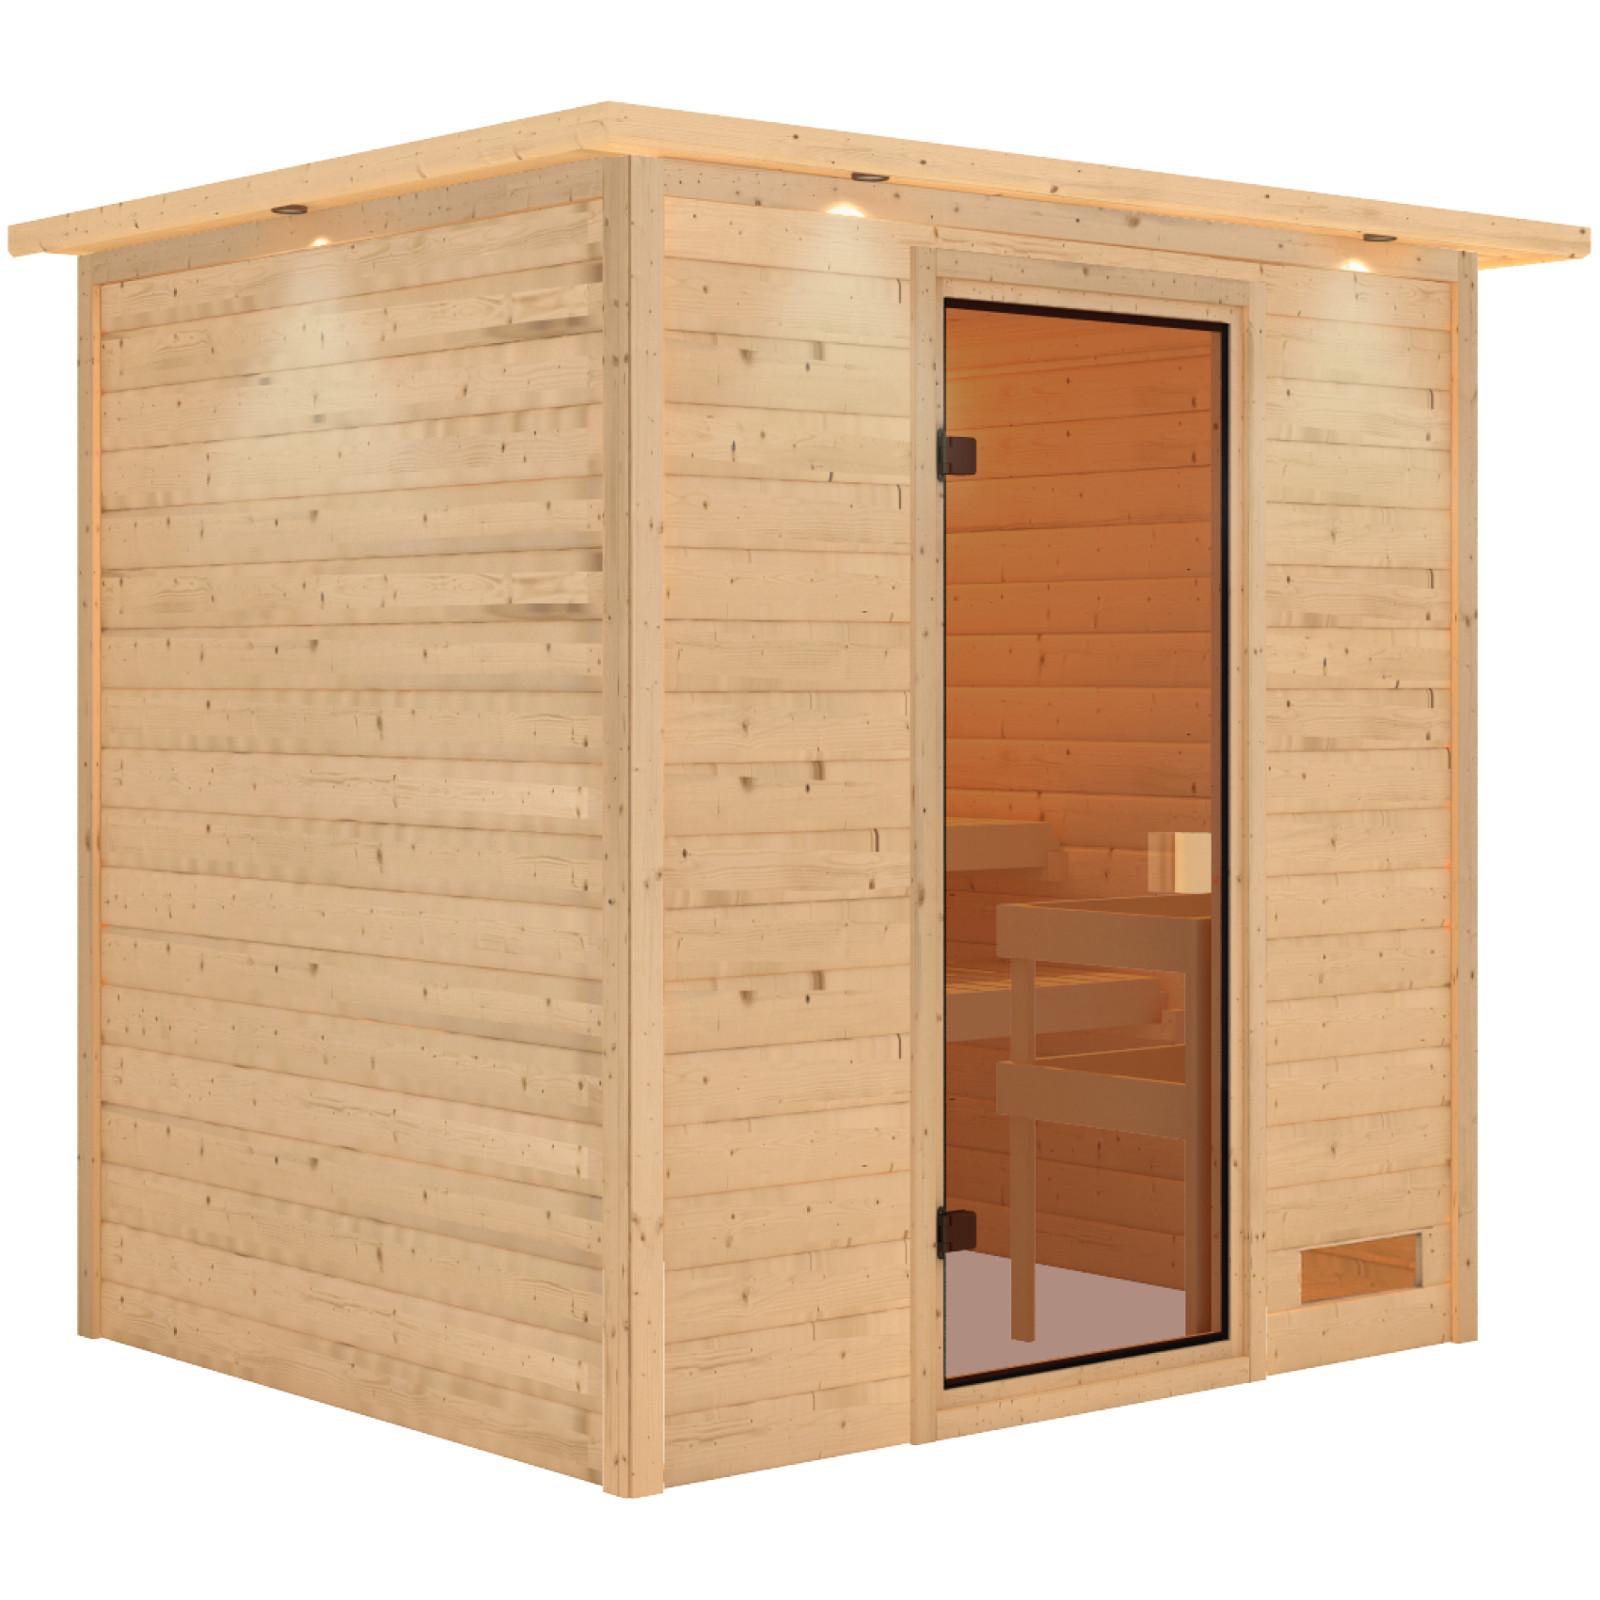 Saunakabinen | Sauna & Wellness | Demmelhuber.net